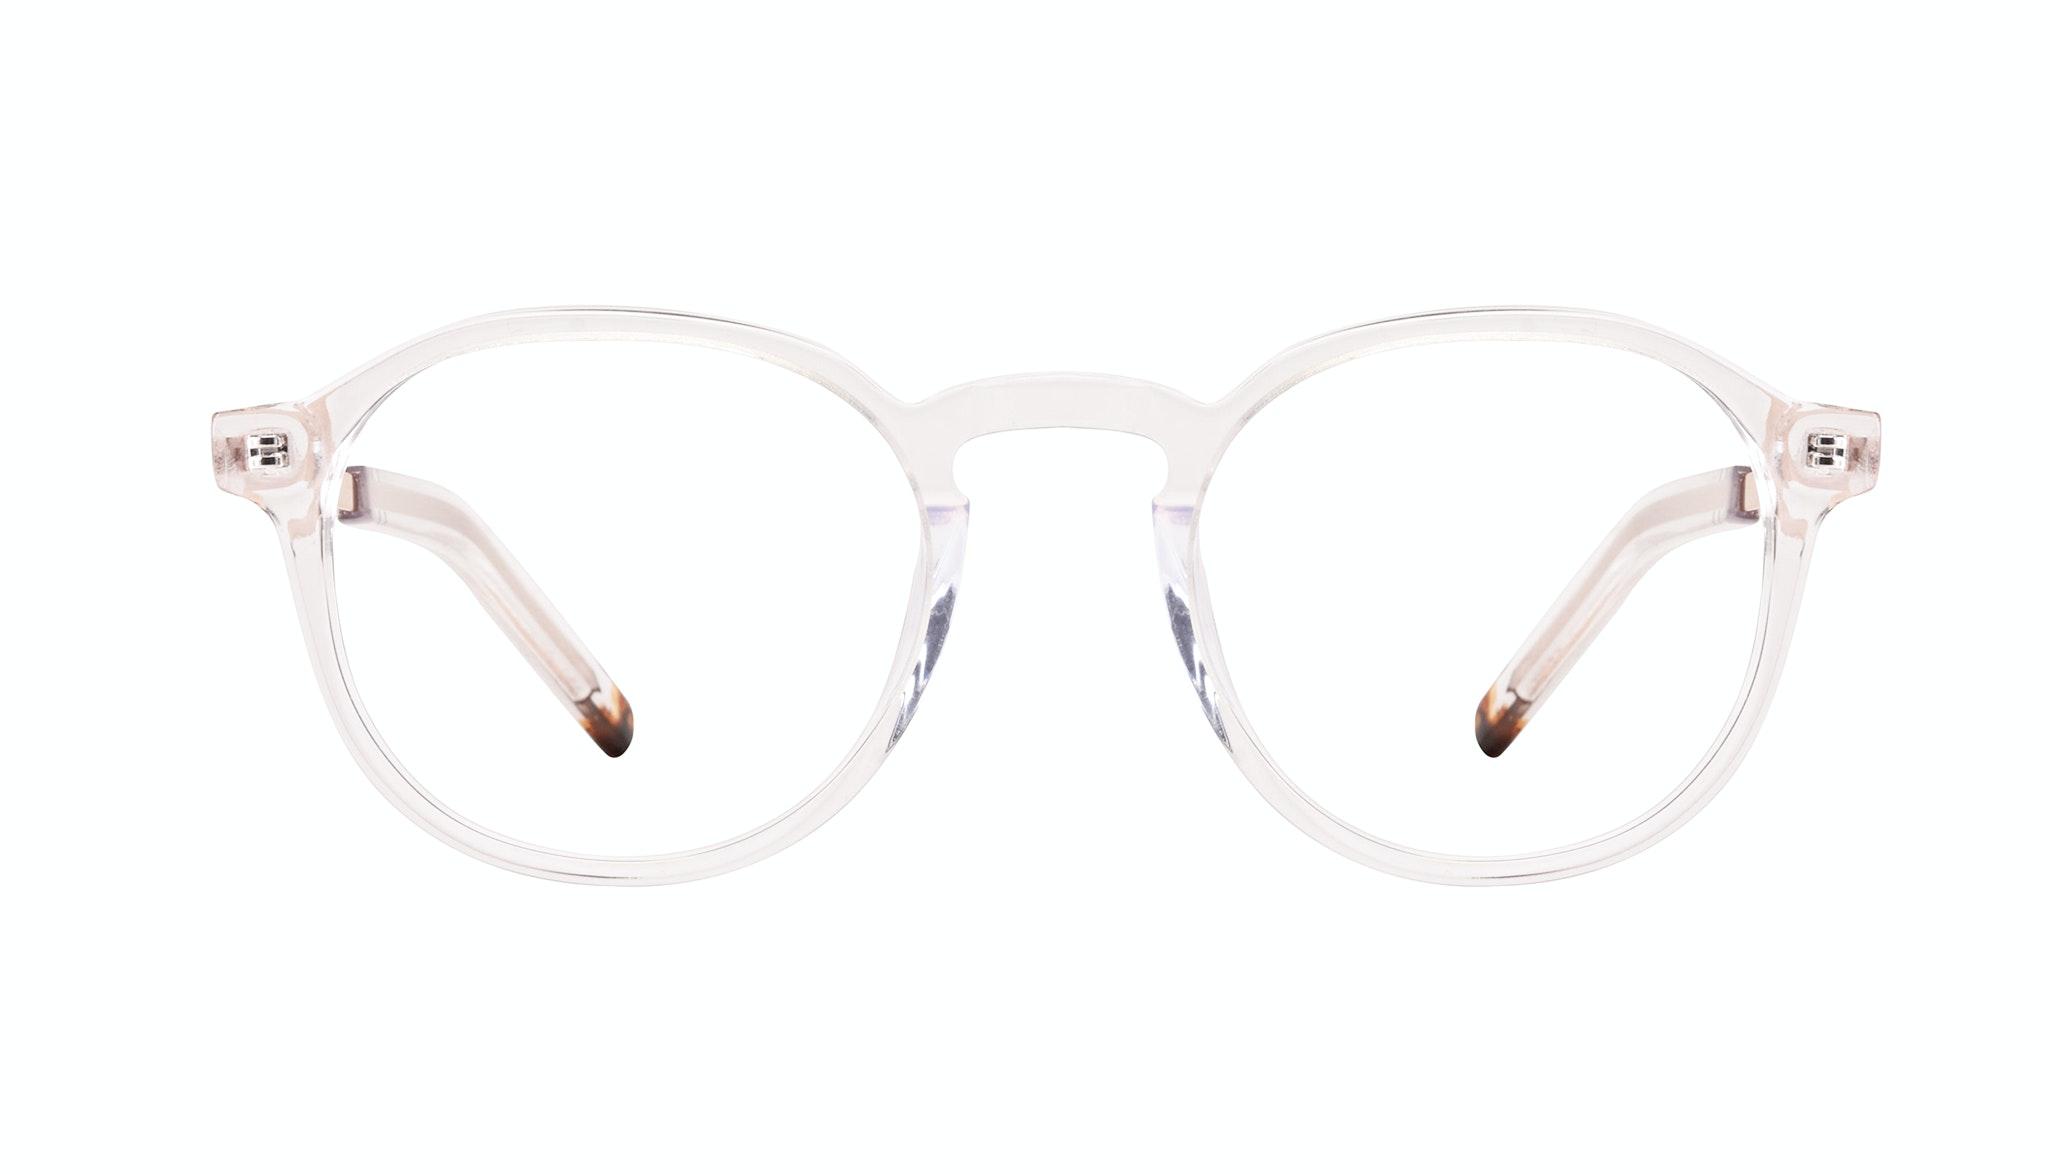 Lunettes tendance Ronde Lunettes de vue Hommes Prime XL Clear